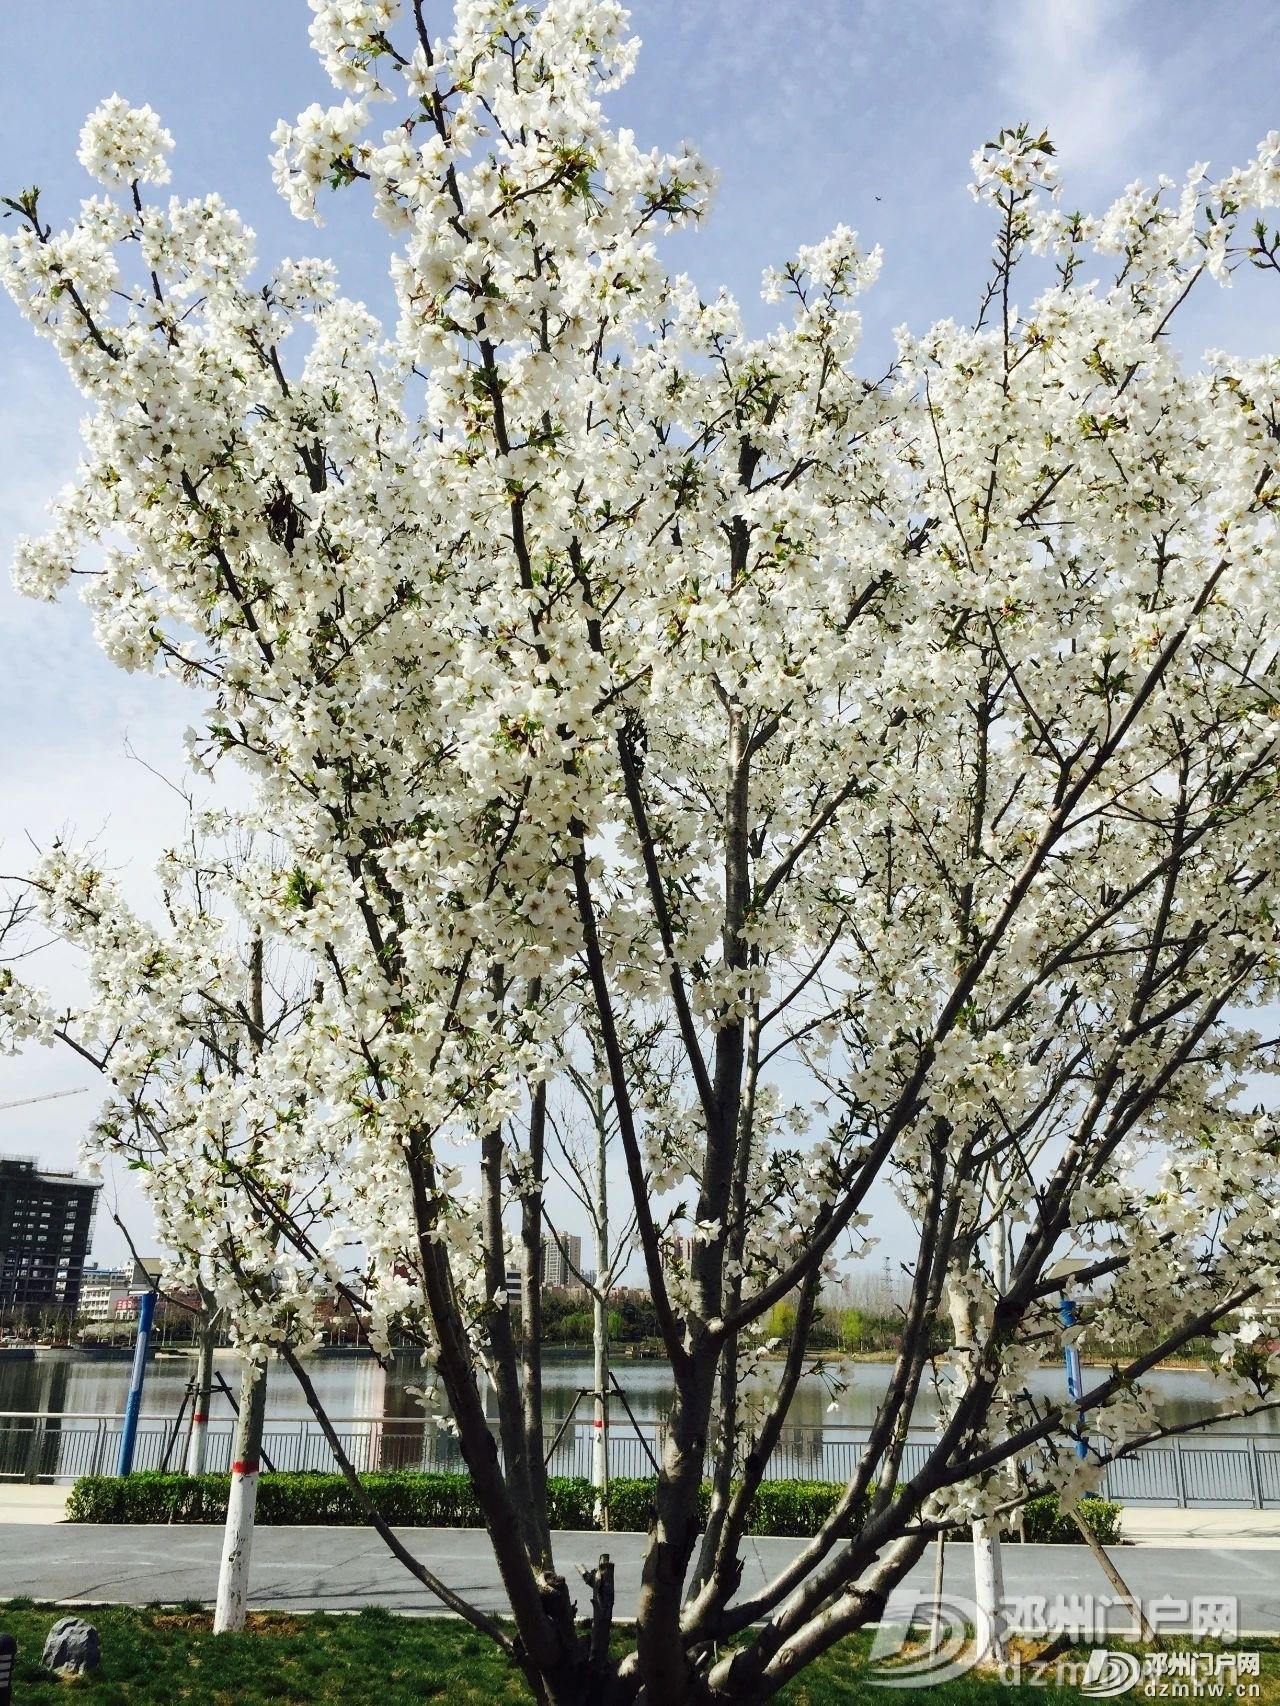 春暖花开,邓州,久等了! - 邓州门户网|邓州网 - 74f1a68951153e0241d70851bf0c5e94.jpg